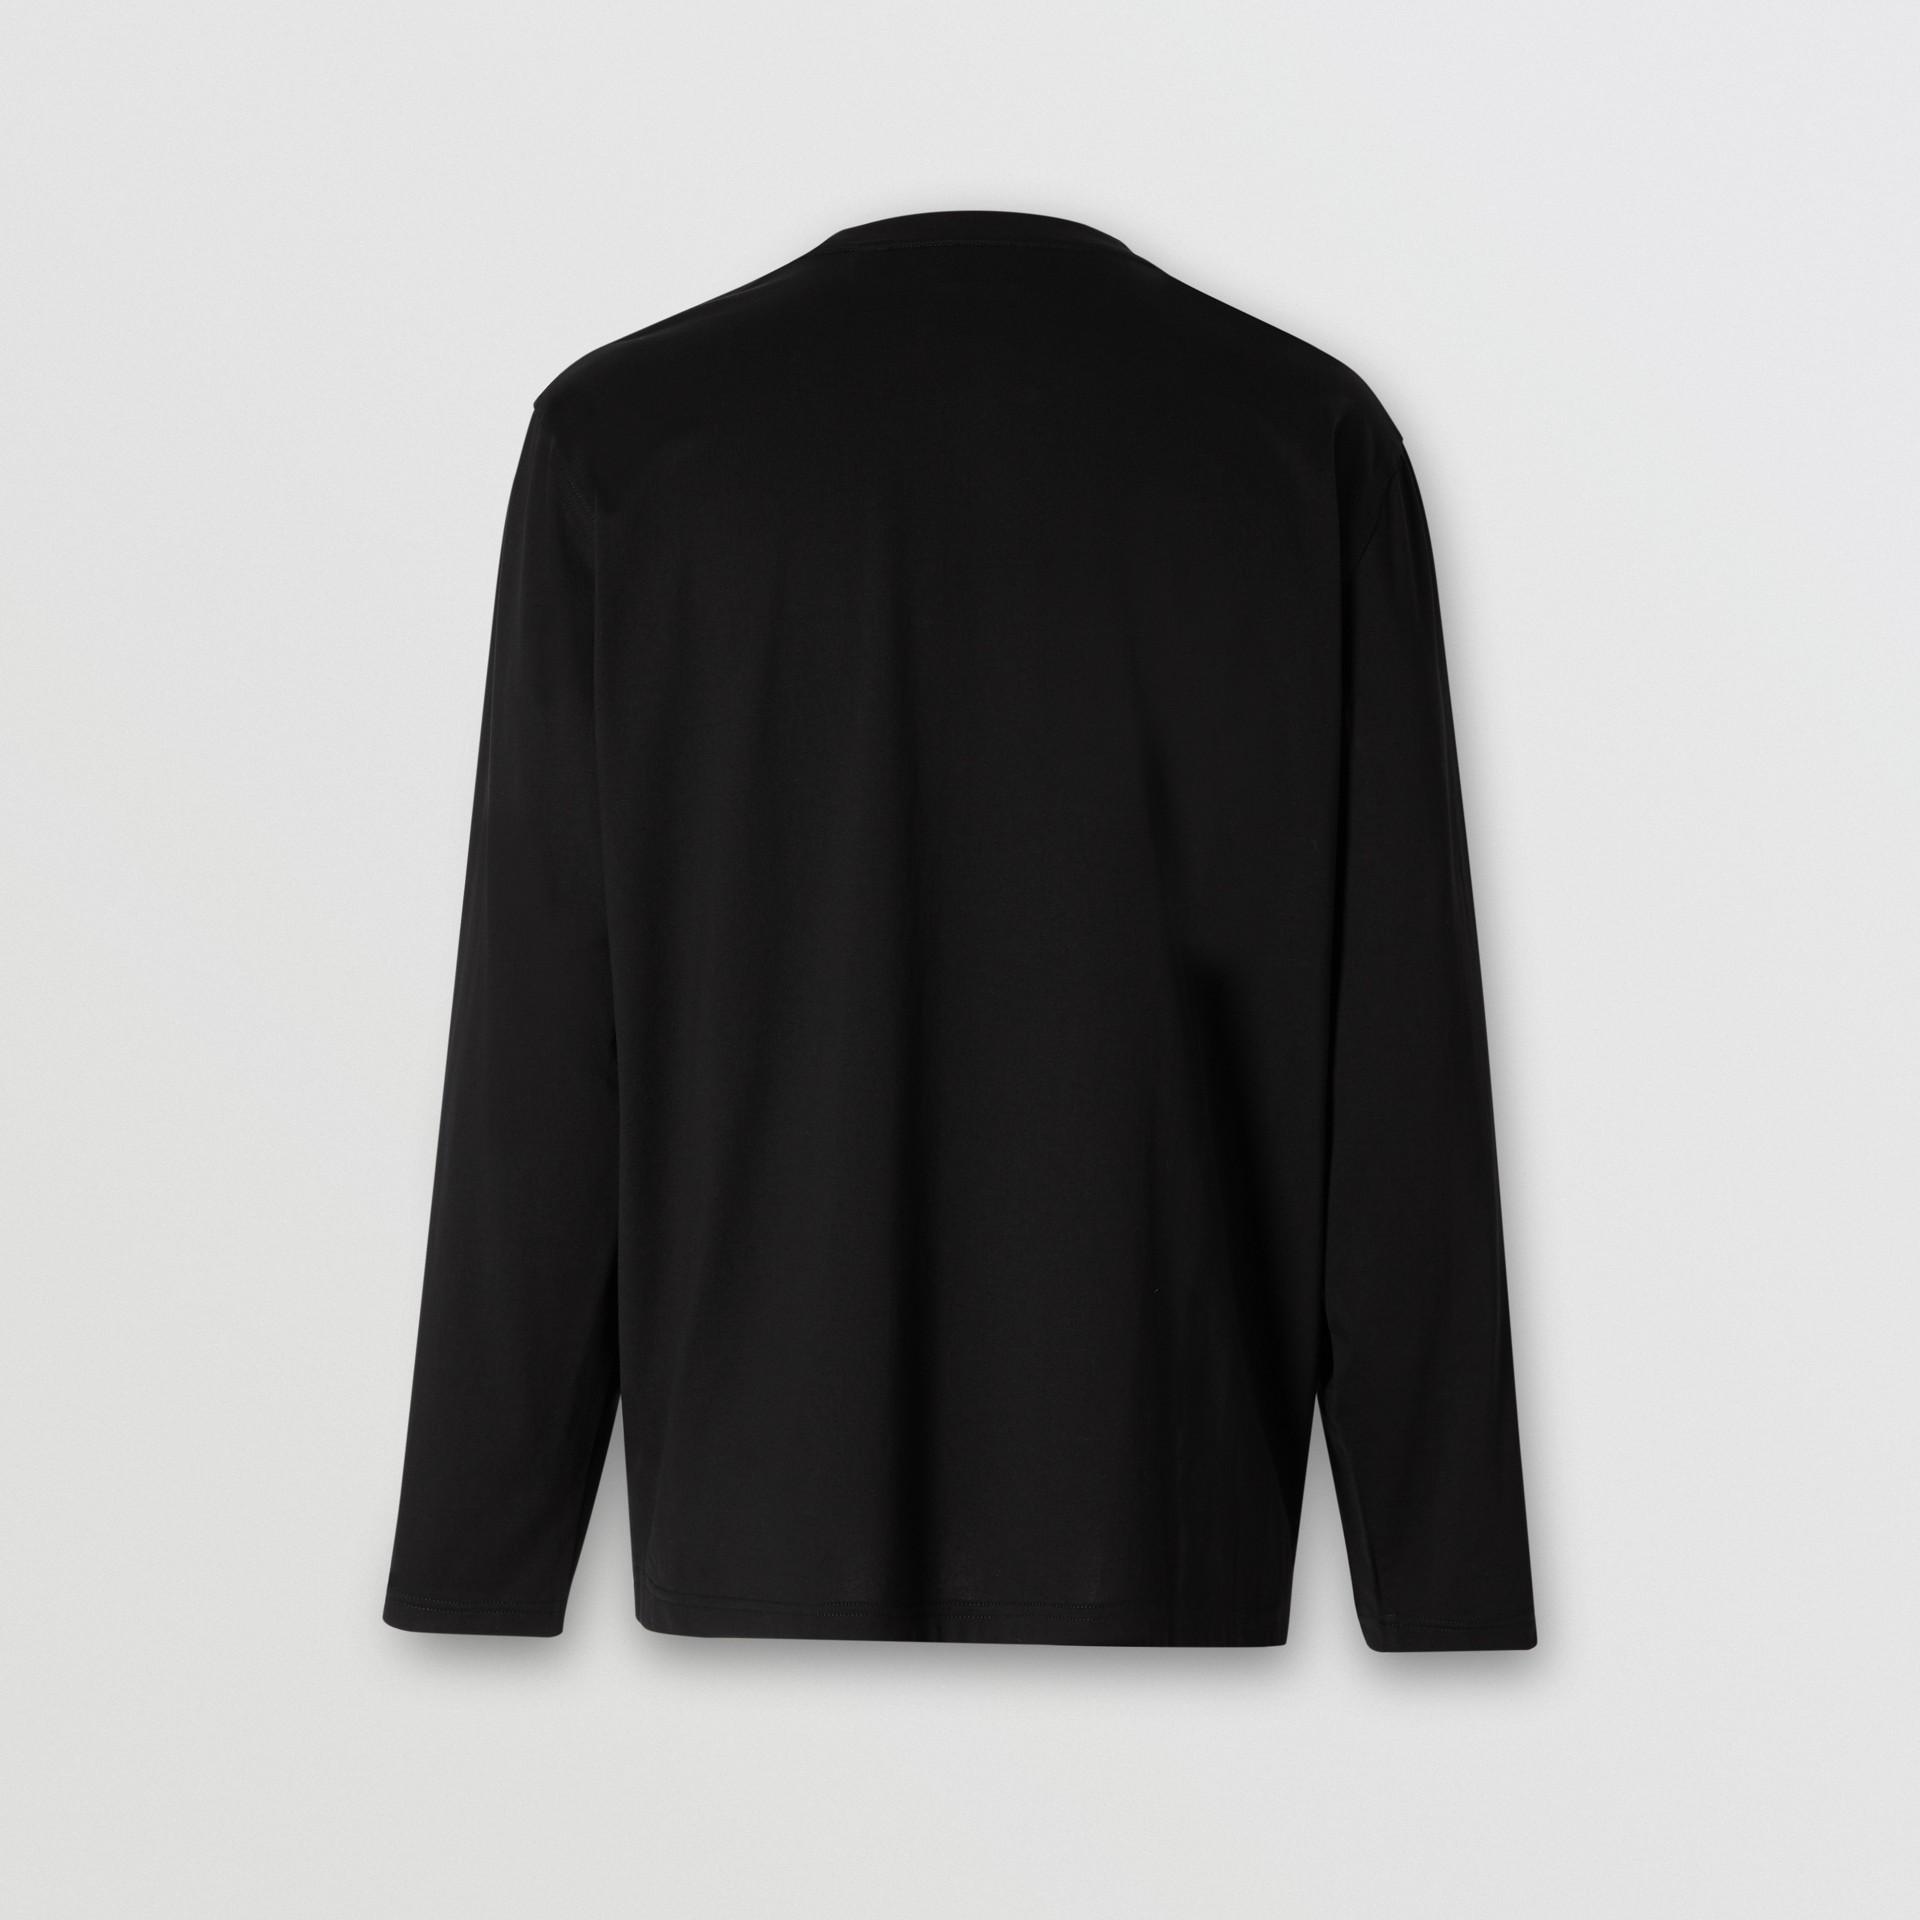 Haut à manches longues en coton avec logo (Noir) - Homme | Burberry - photo de la galerie 5